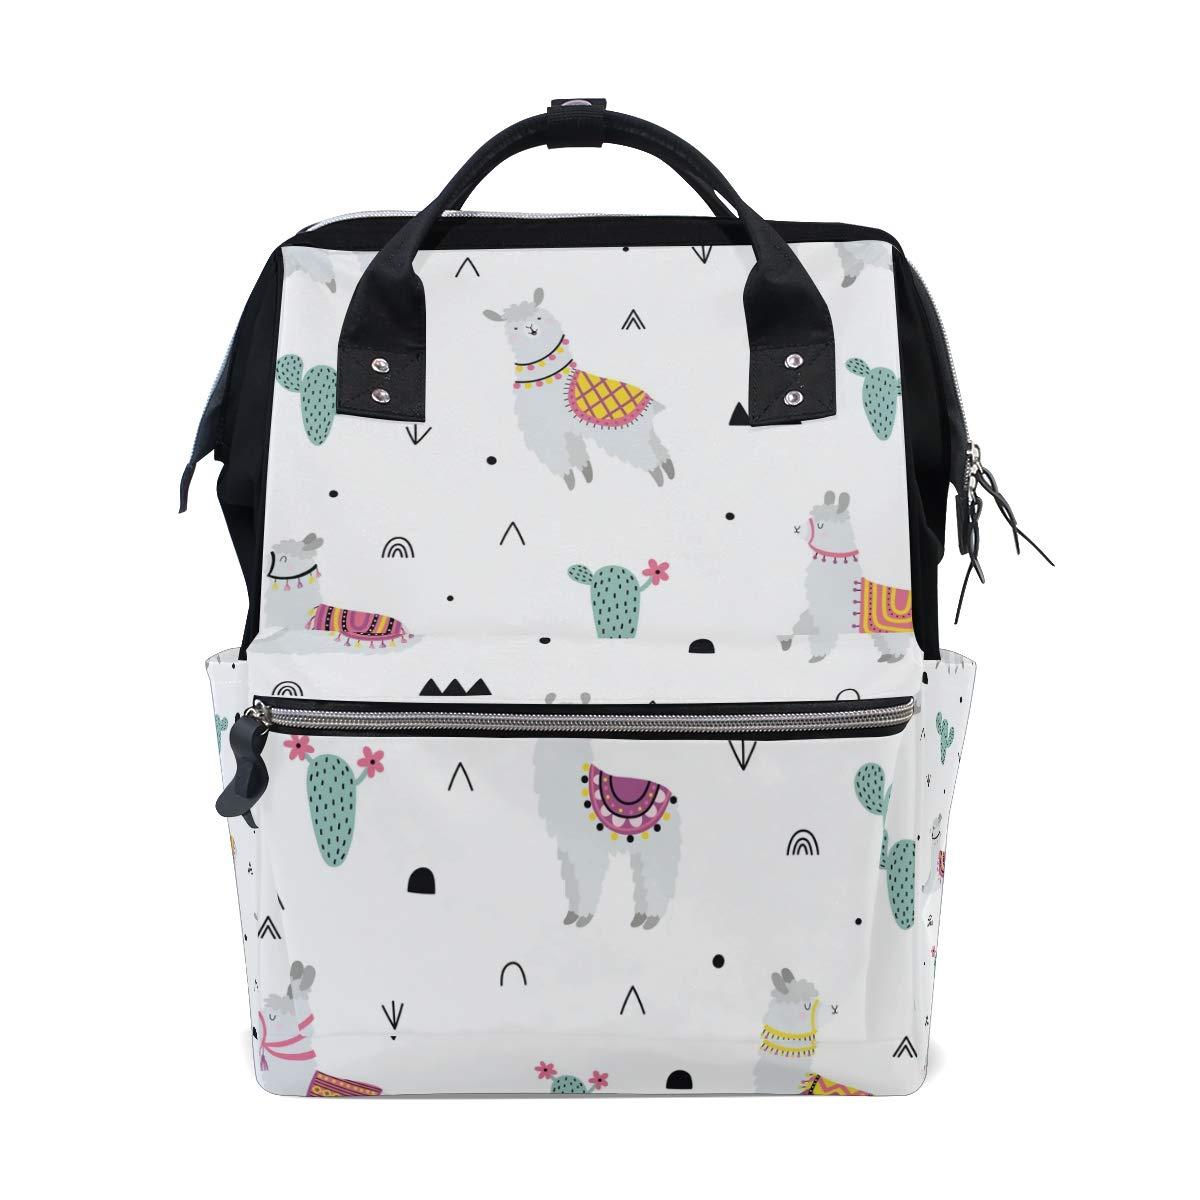 MERRYSUGAR Diaper Bag Backpack Llama Cactus Multifunction Travel Bag